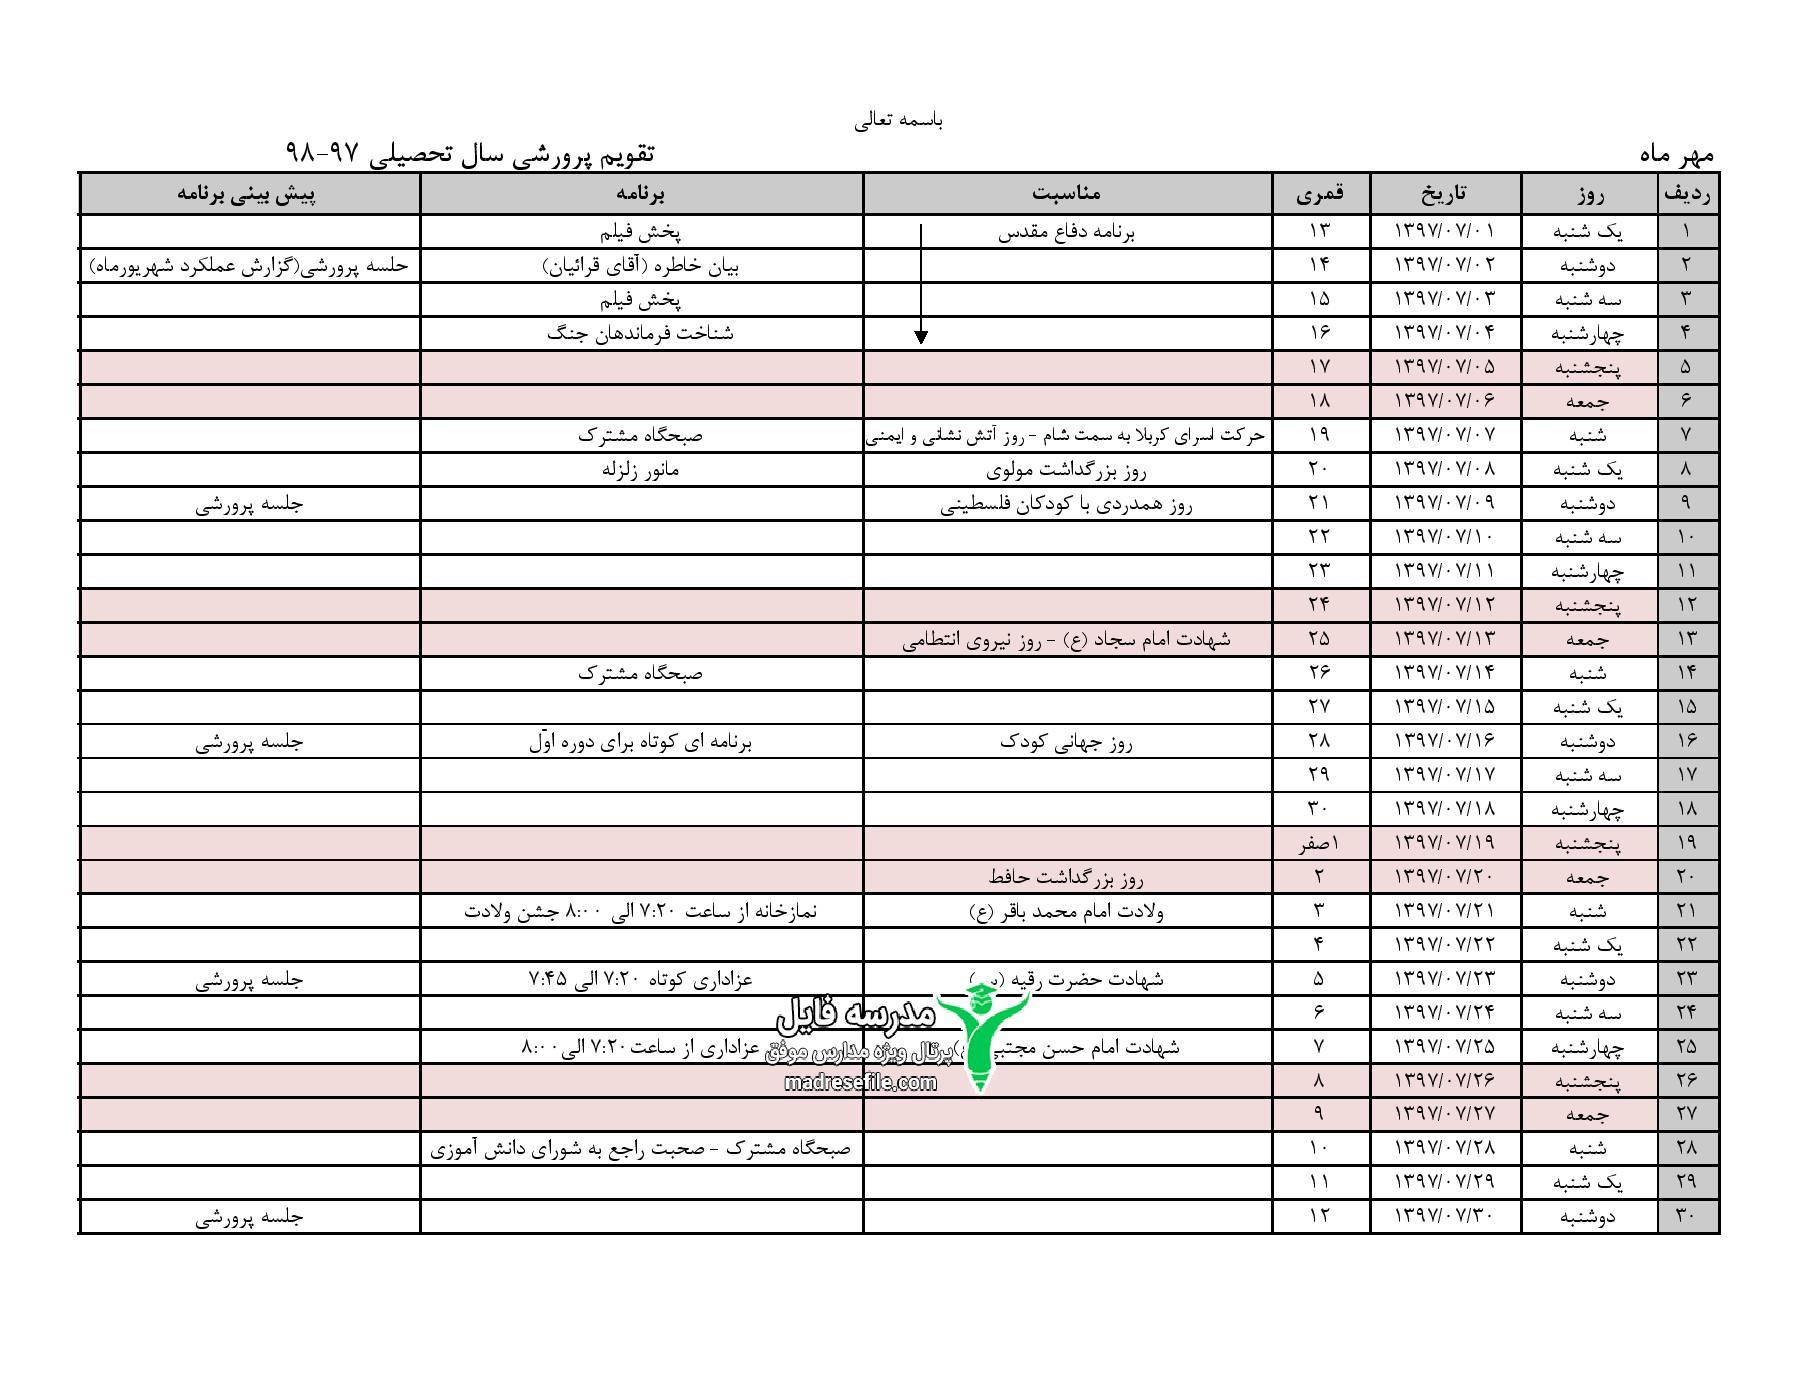 تقویم اجرایی و برنامه سالانه پرورشی مهر ماه 97